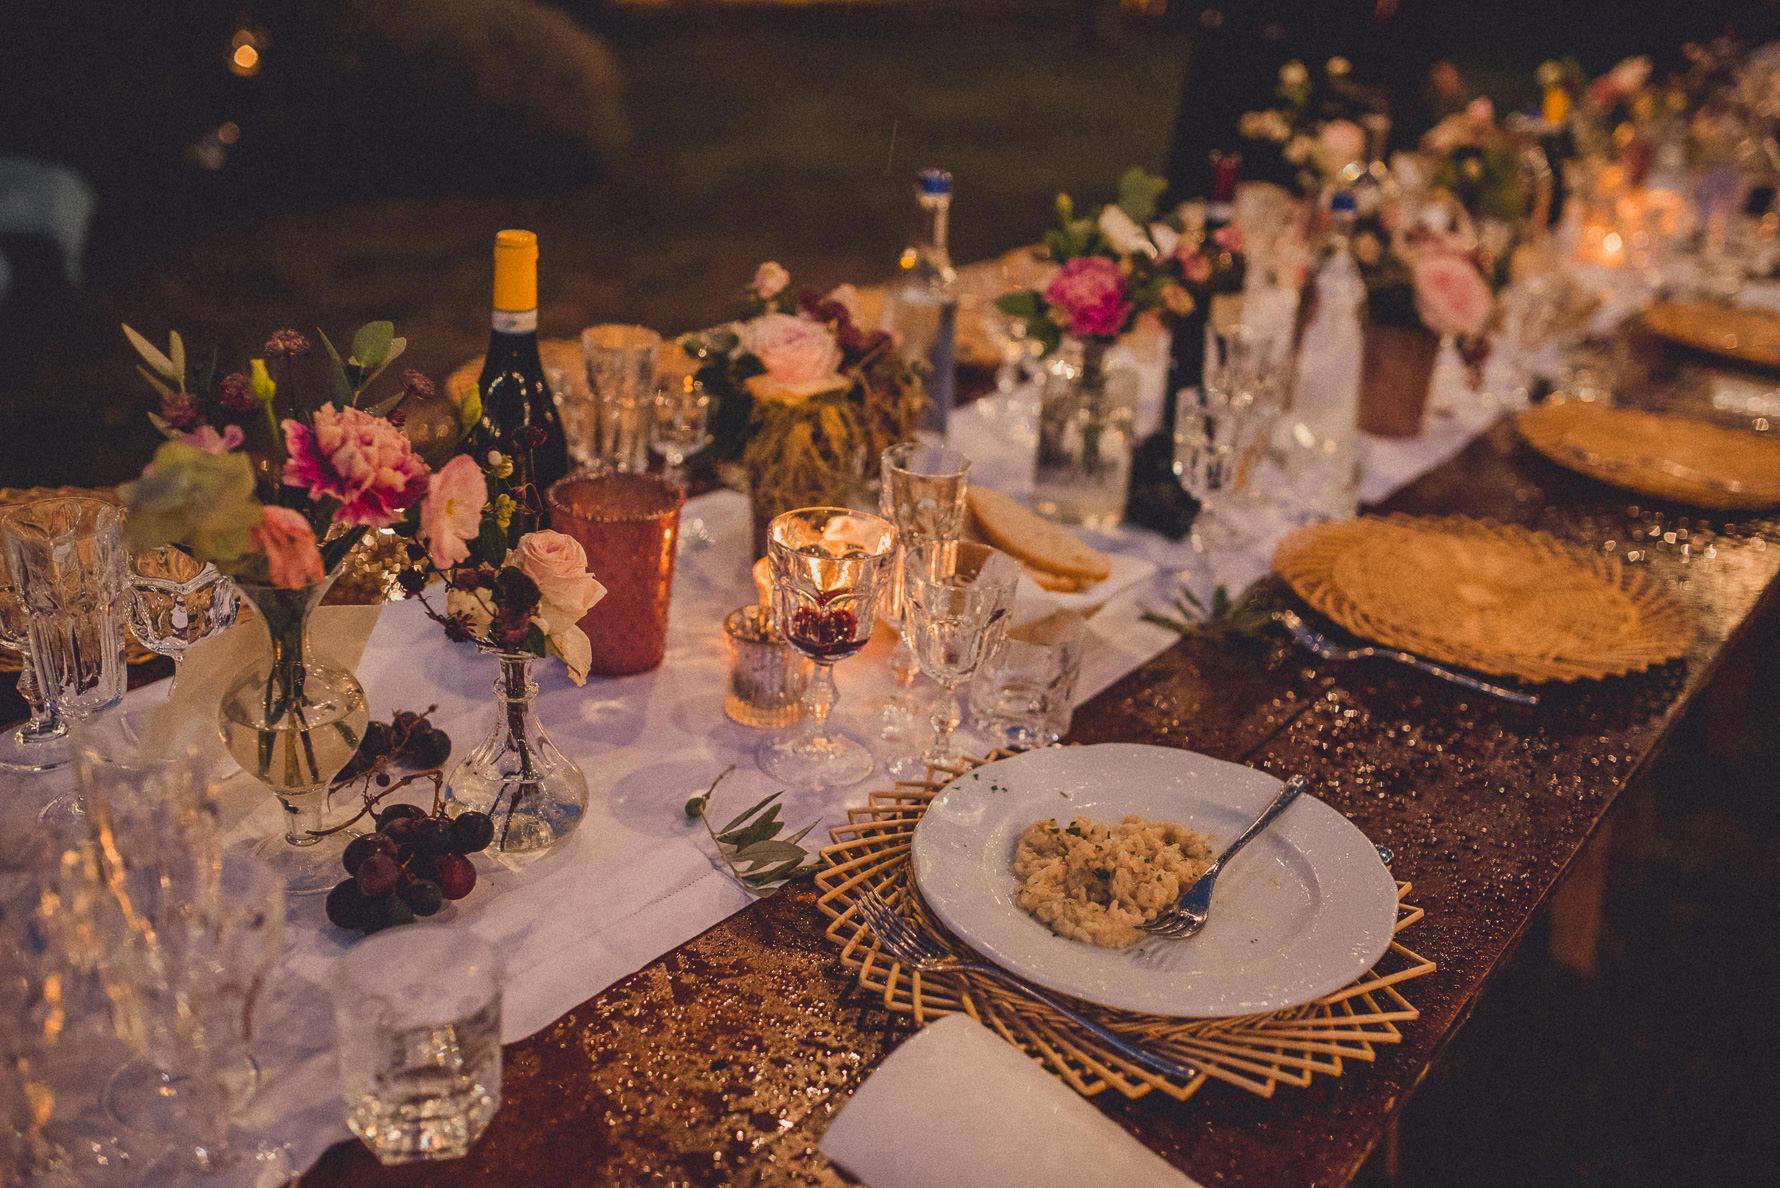 romantic-wedding-country-chic-in-tenuta-di-canonica-todi